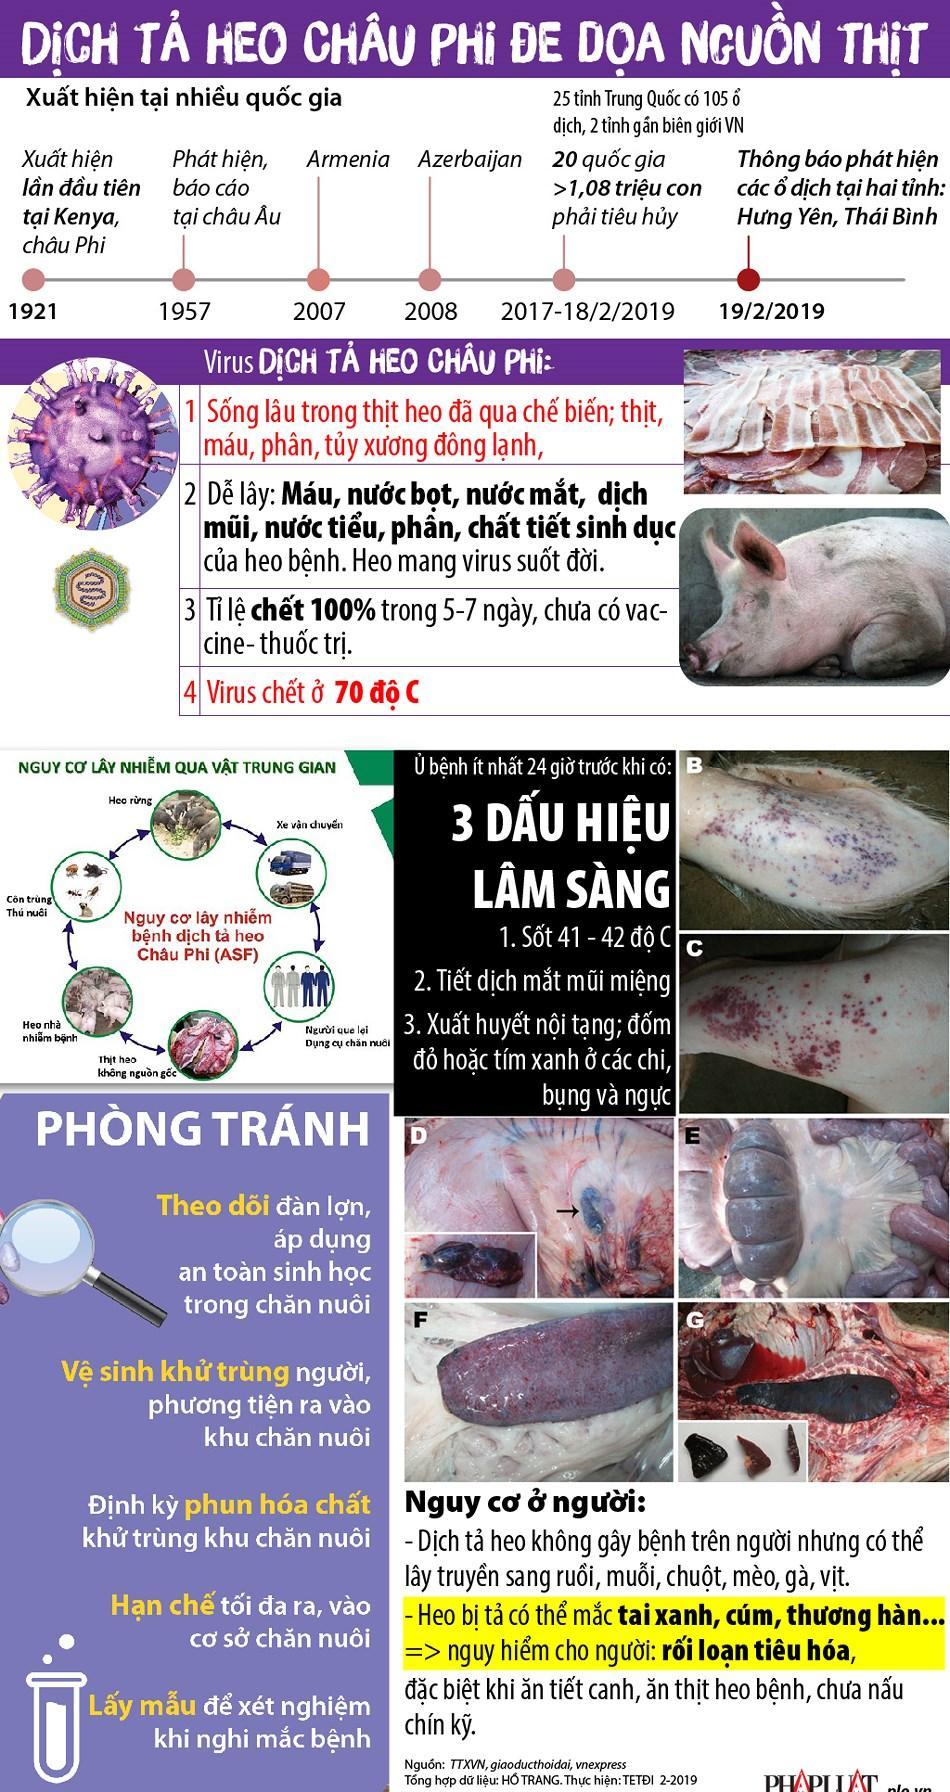 Dịch tả heo Châu Phi đe dọa nguồn thịt heo Việt Ảnh 1